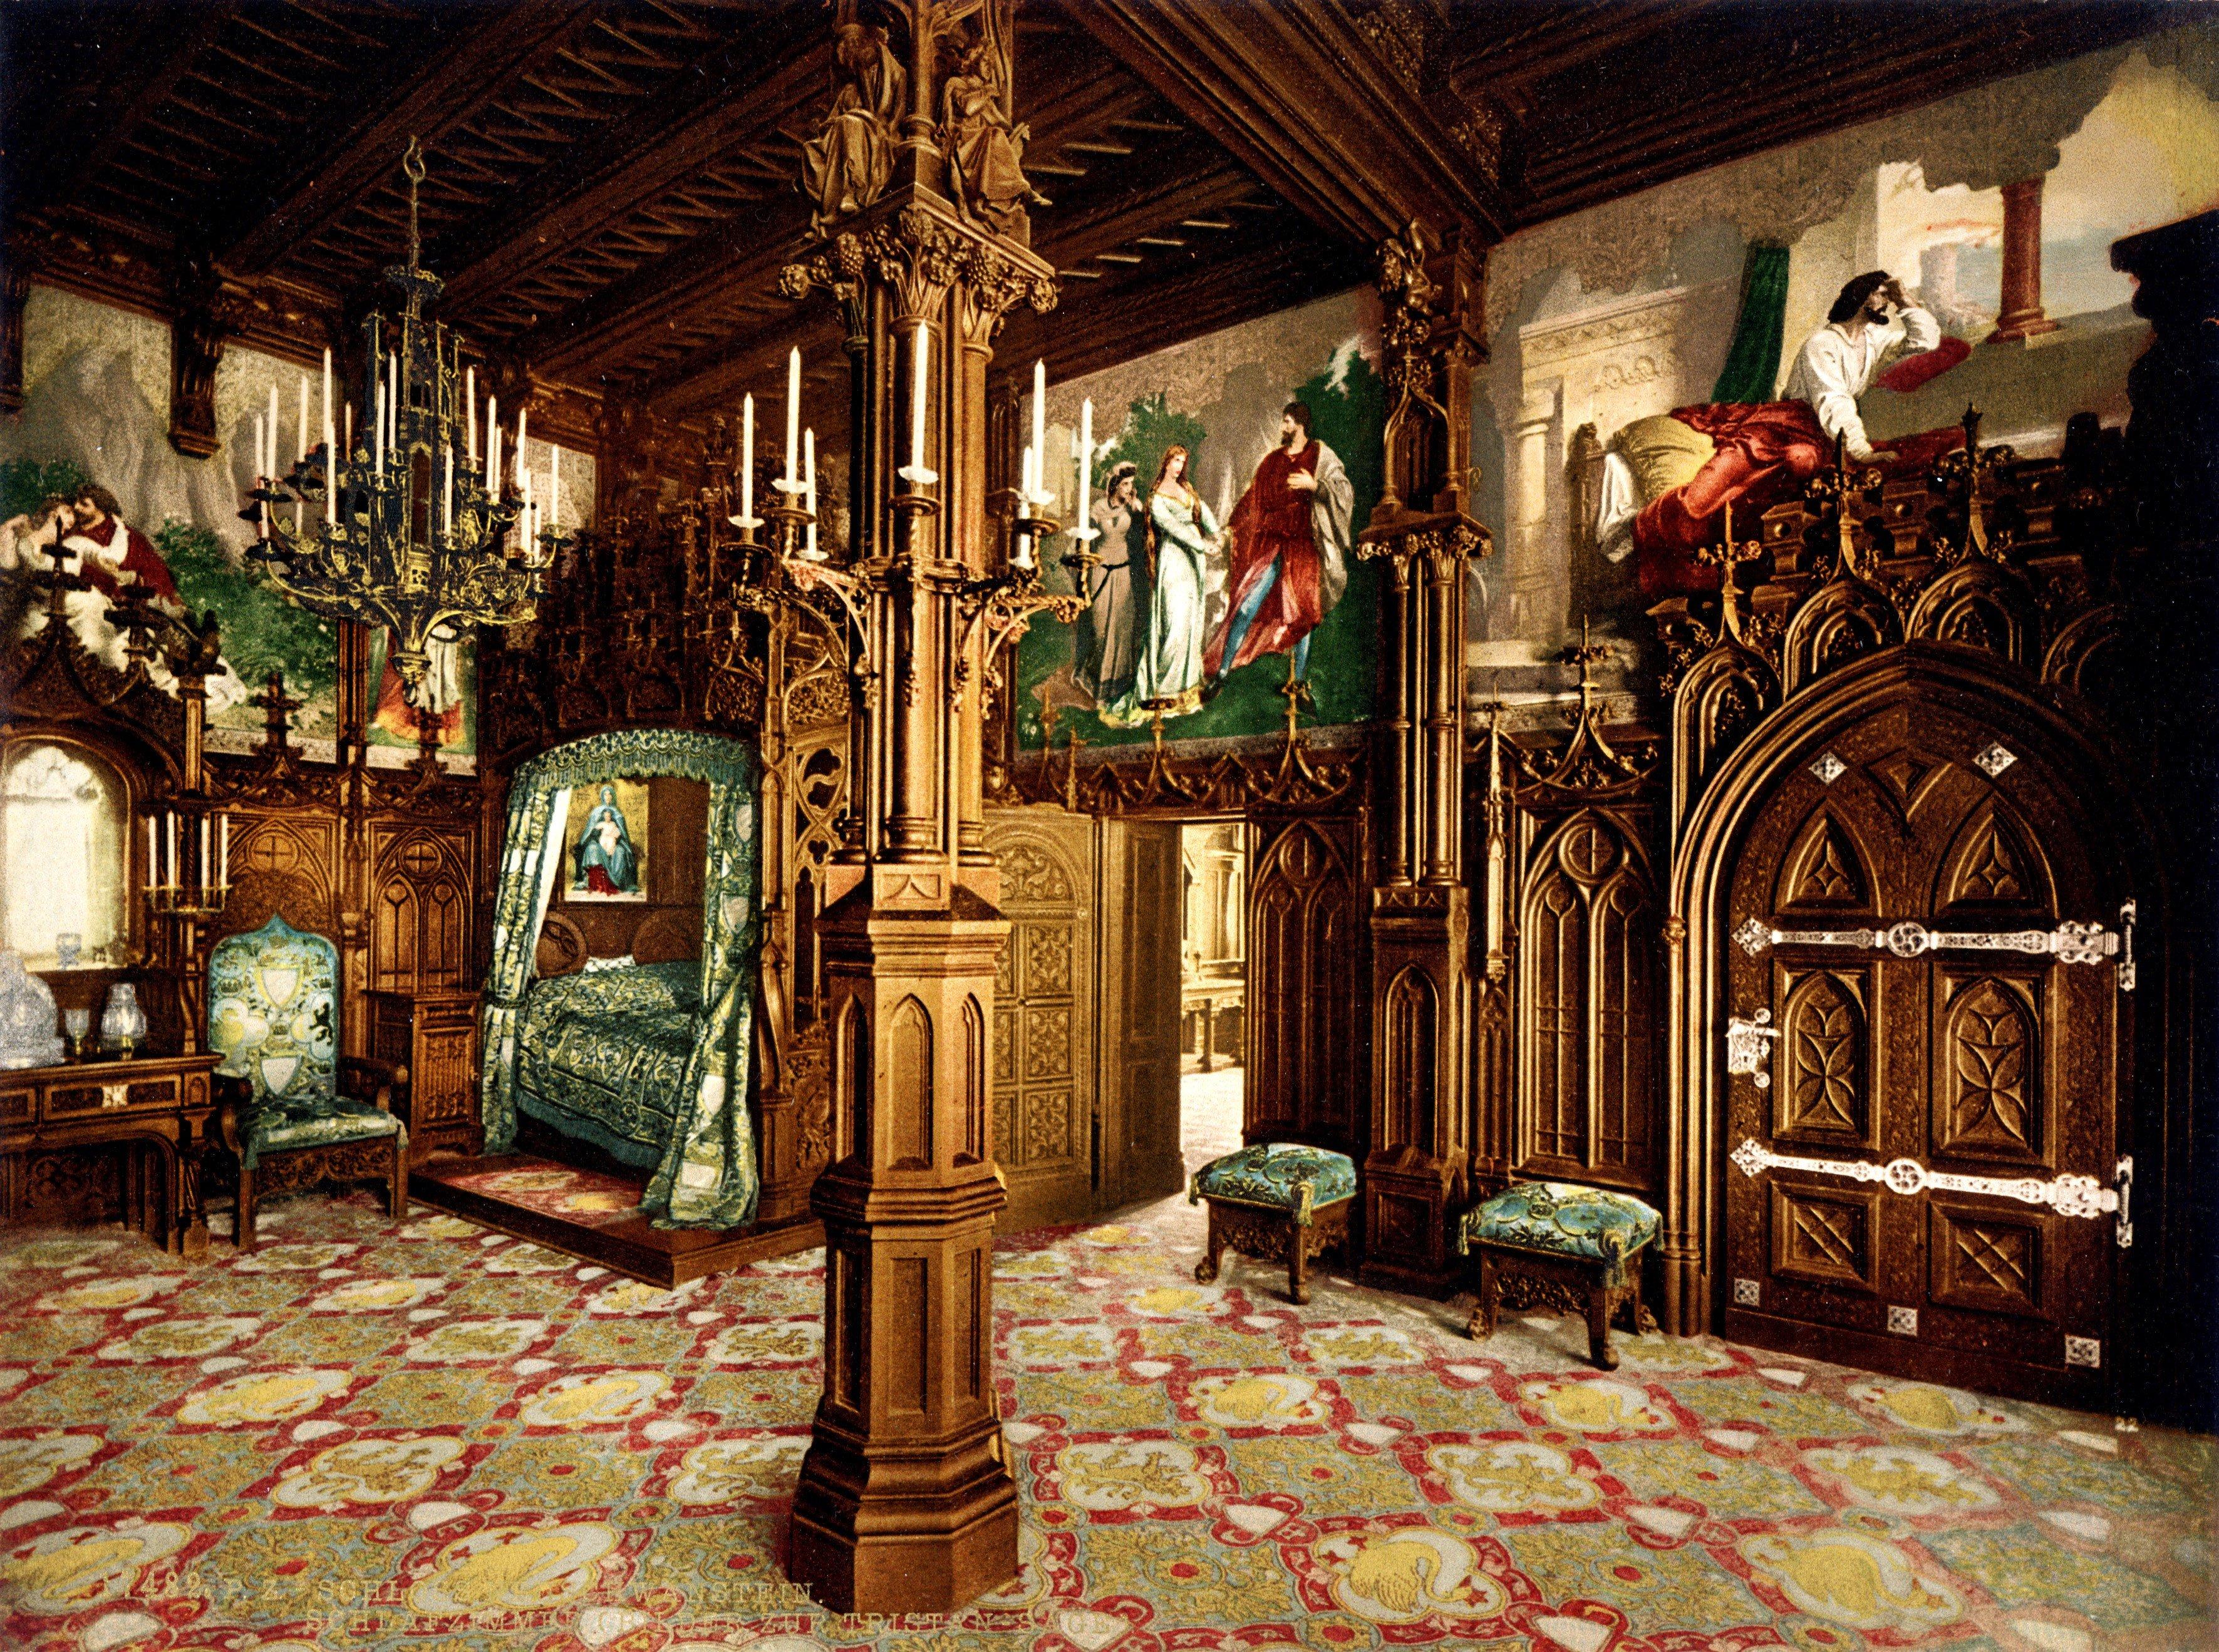 architecture, interior, neuschwanstein castle, painting, ancient